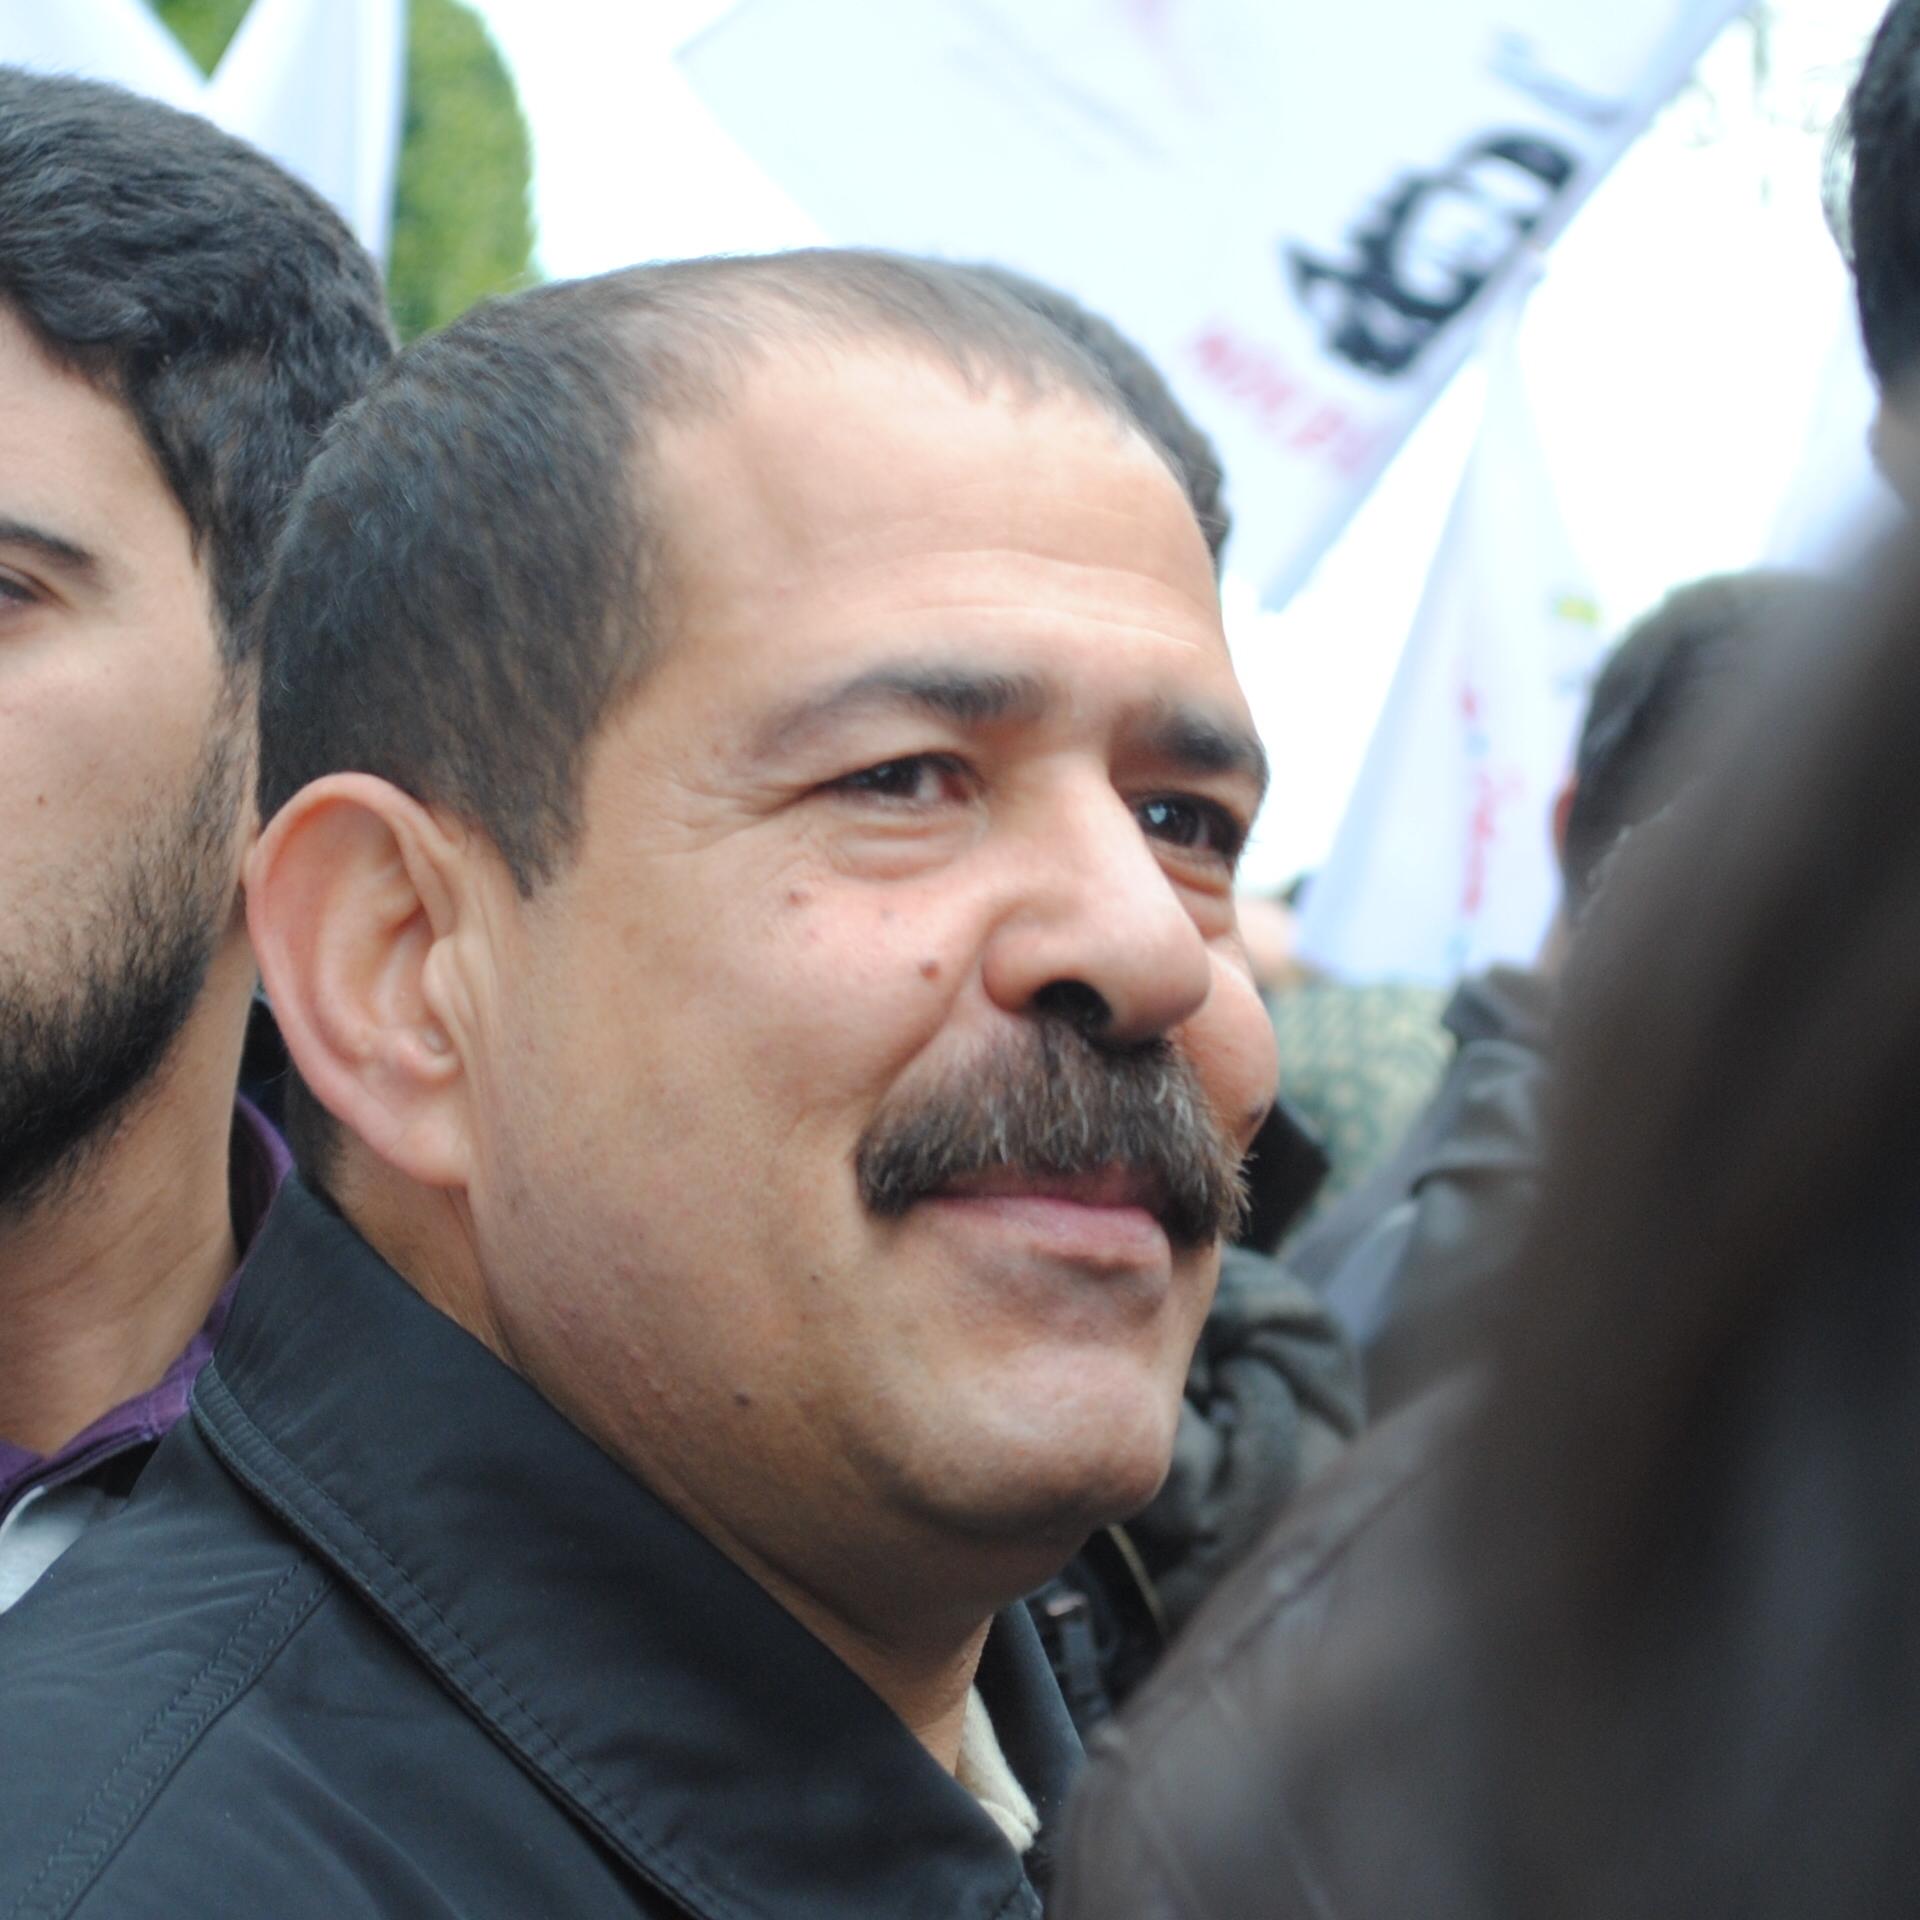 בלאיד - הרצח הפוליטי הראשון באביב הערבי